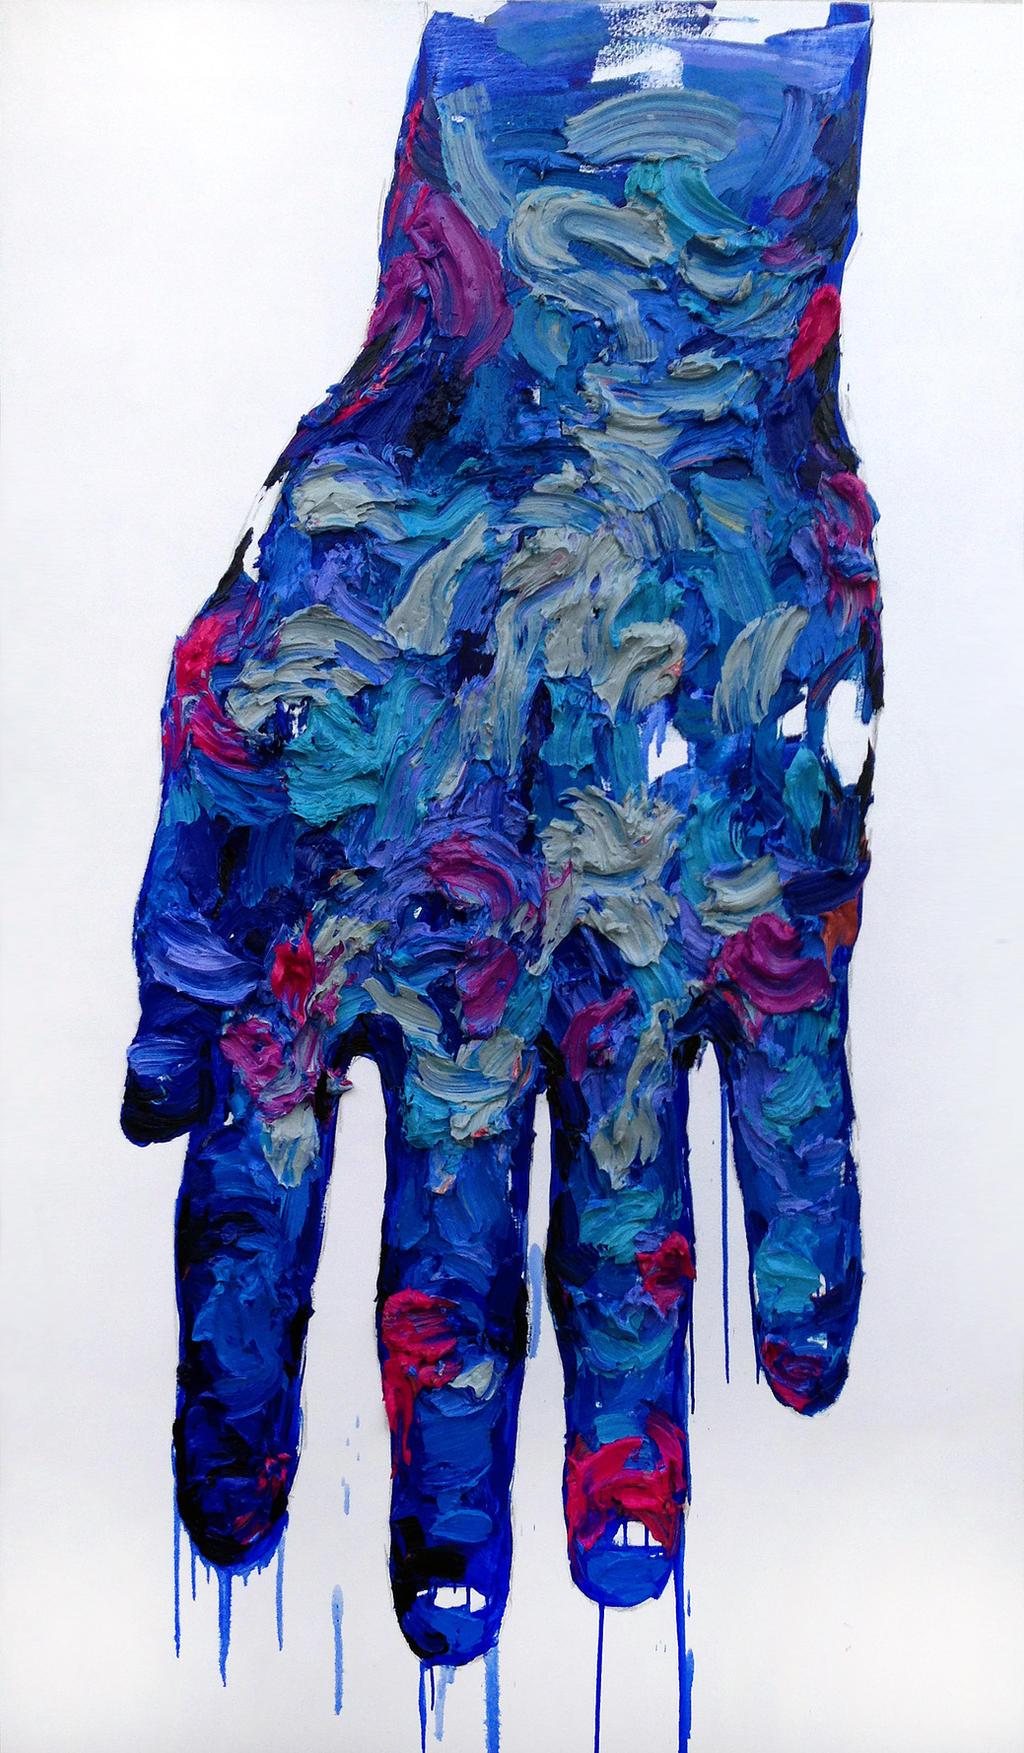 [197] Untitled Oil On Canvas 193.9 X 112.1 Cm  by ShinKwangHo